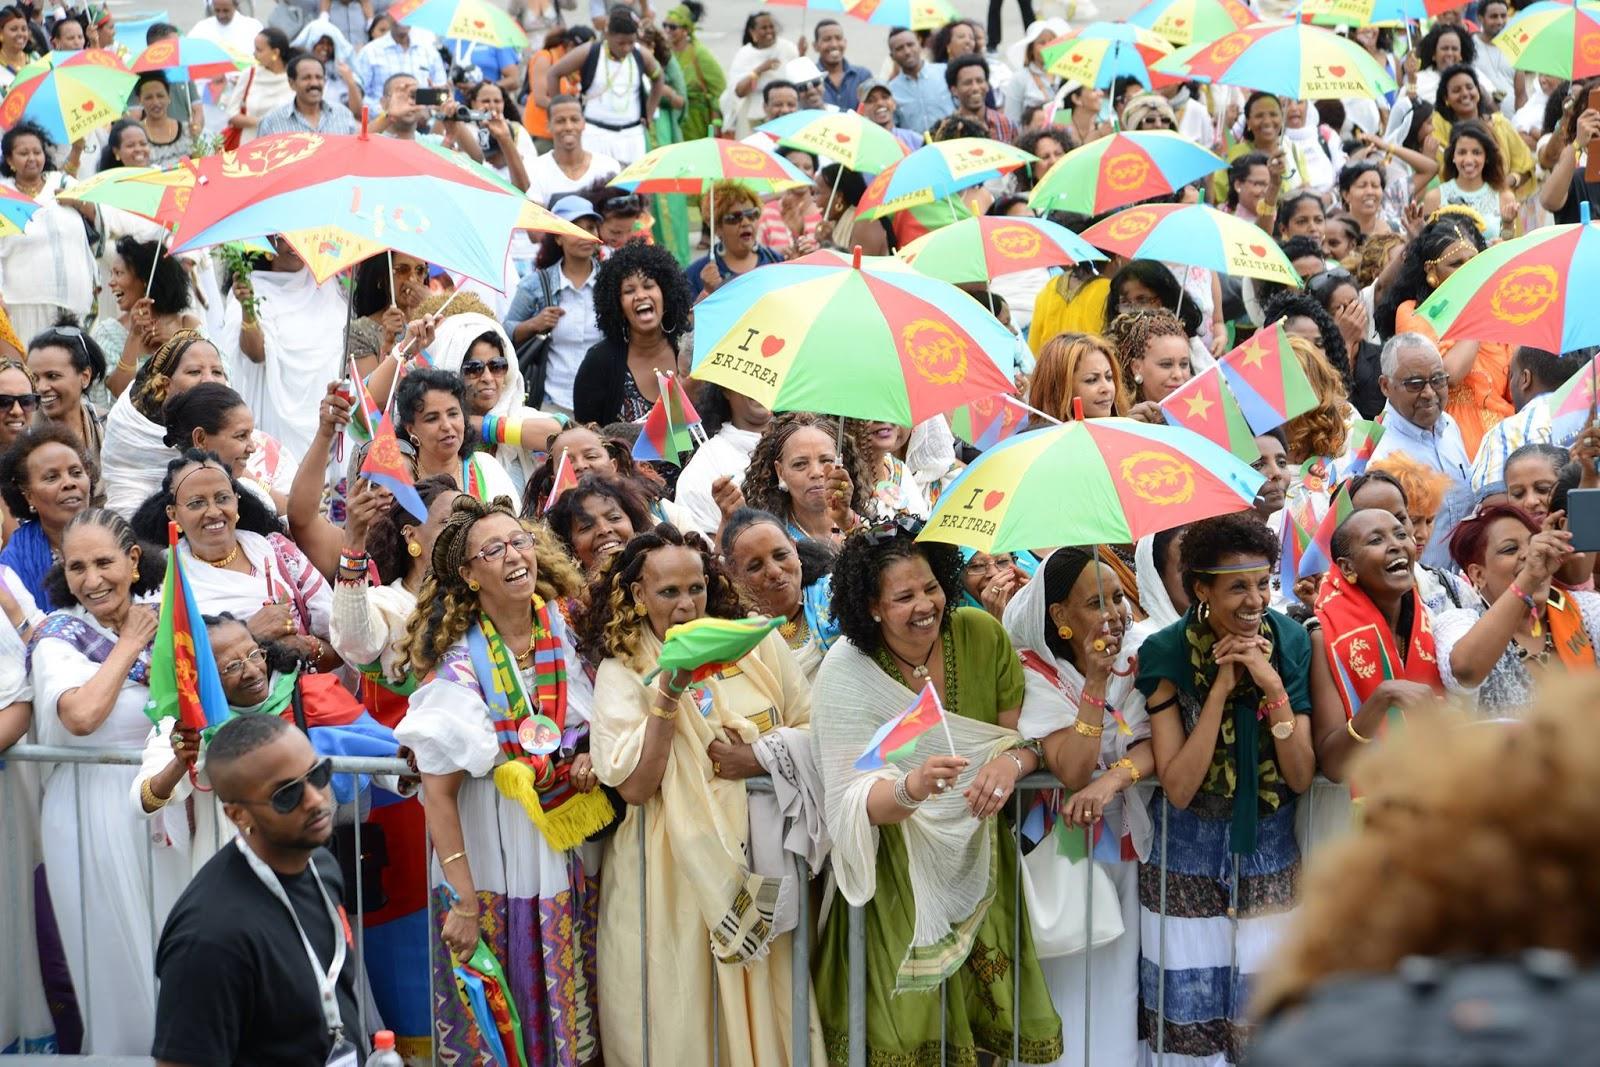 Eritrea: Commemorating 40th anniversary of Bologna Festival